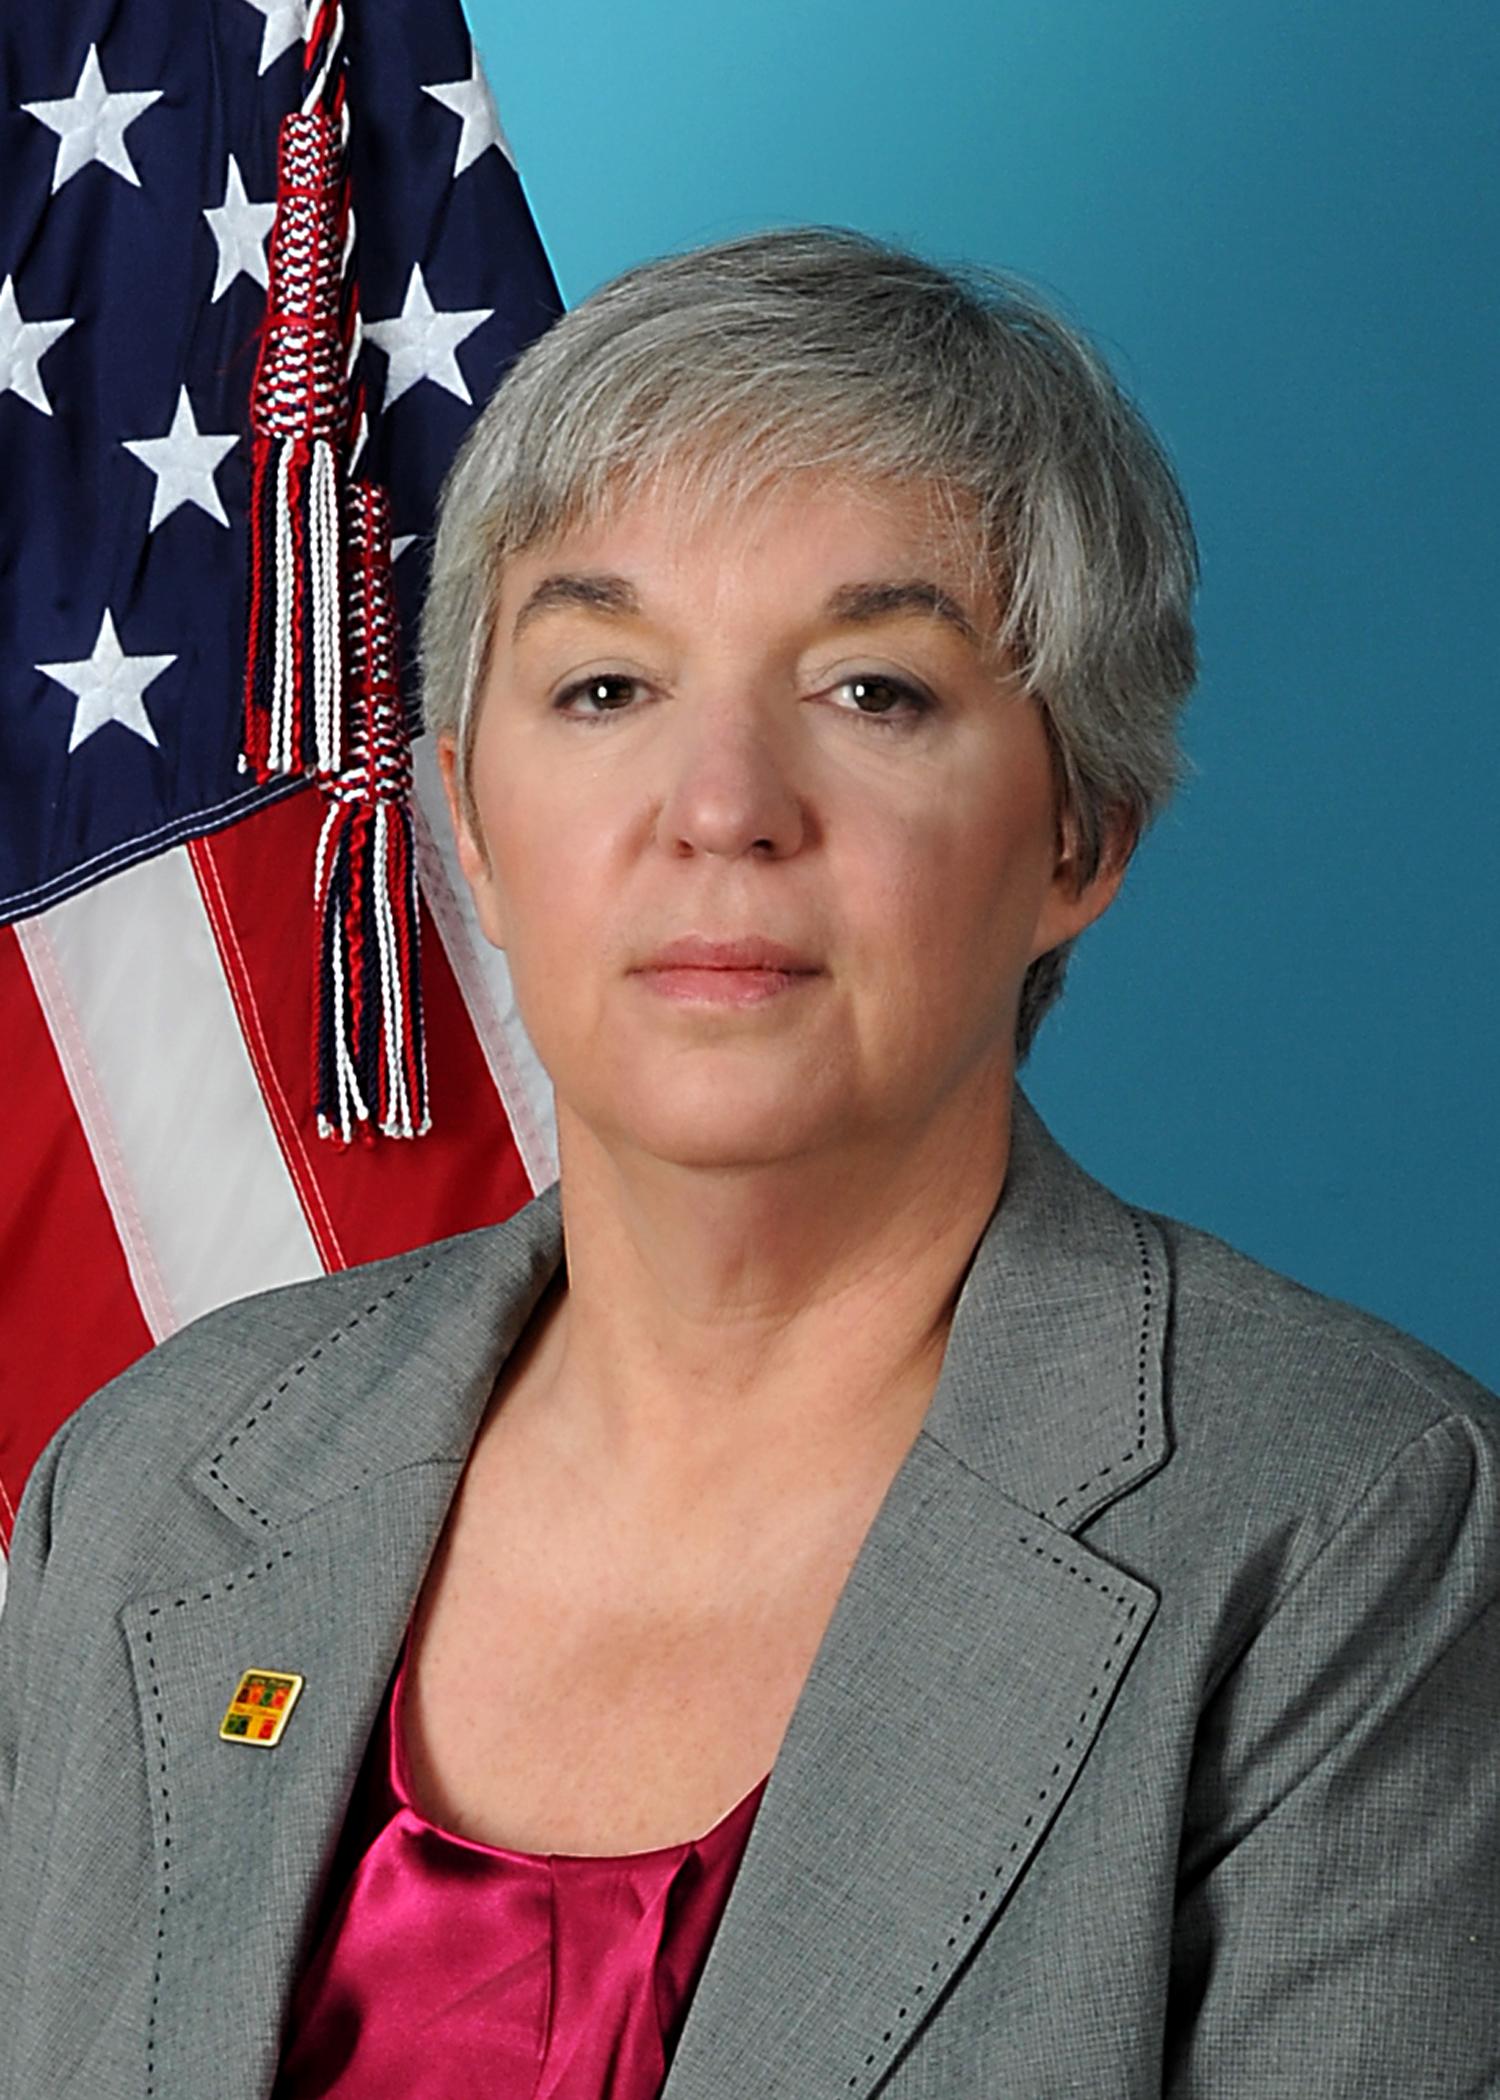 Denise Horton